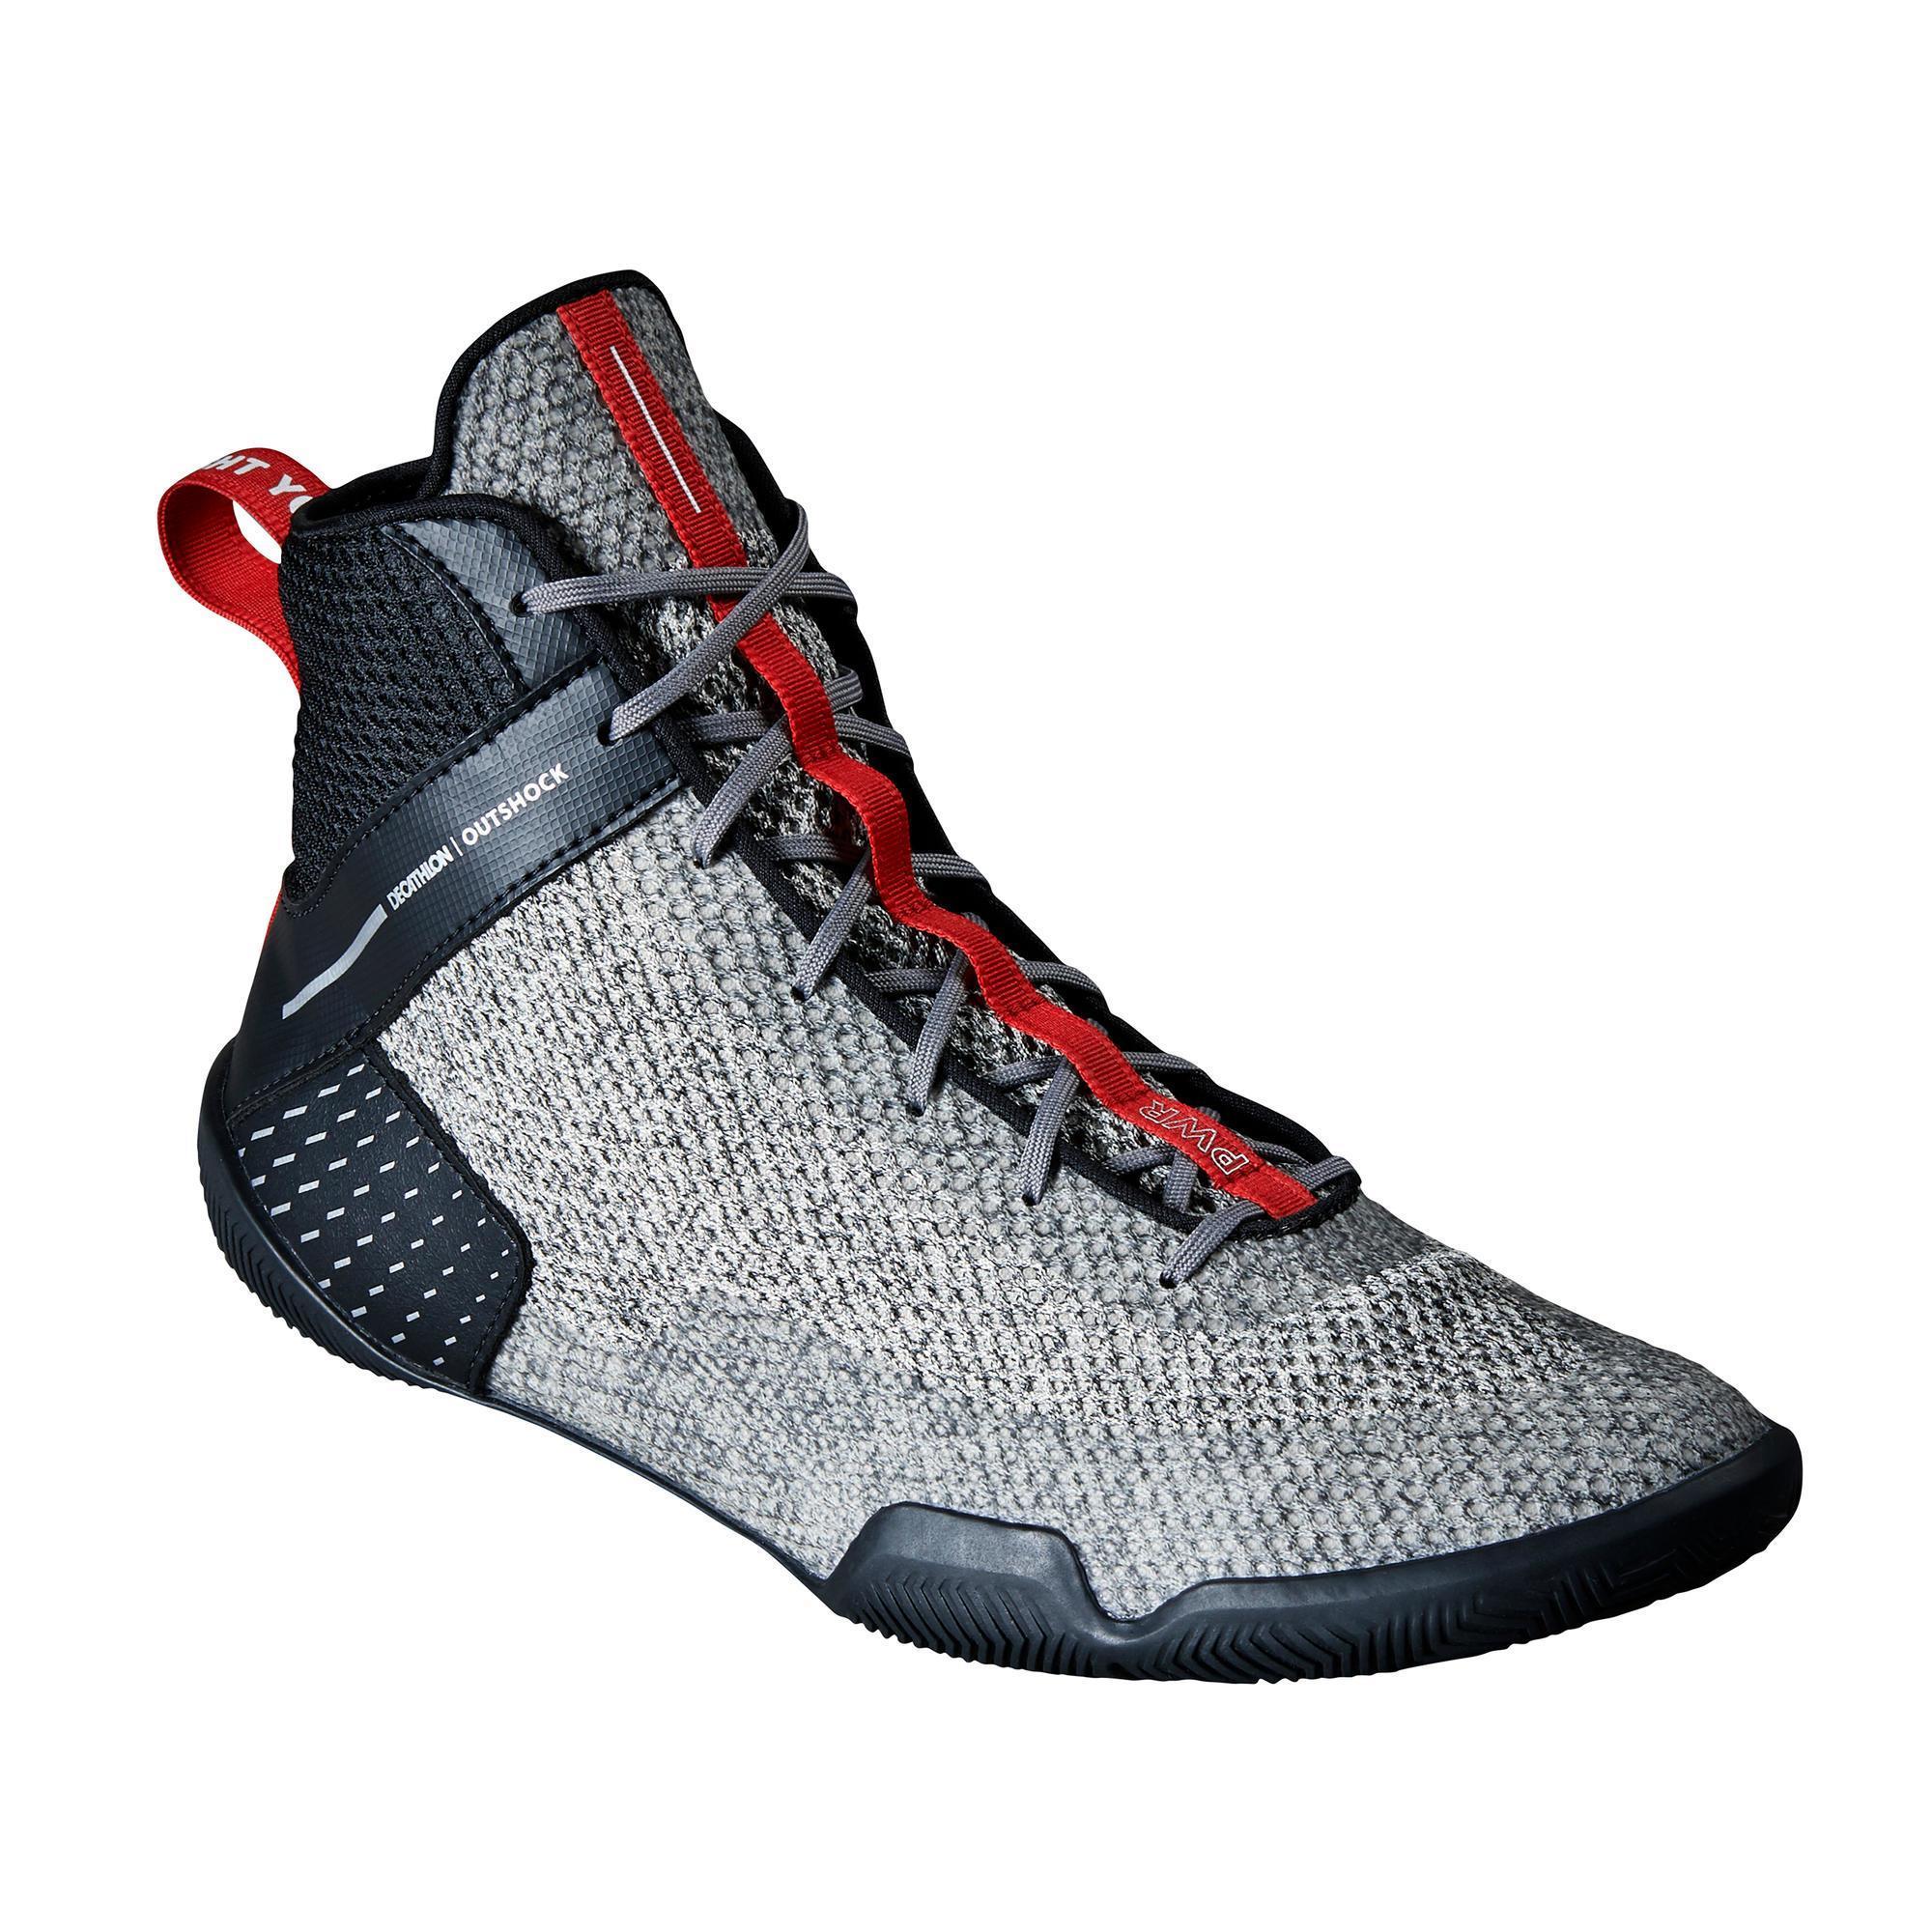 Boxschuhe 500 leicht und flexibel | Schuhe > Sportschuhe > Boxschuhe | Outshock